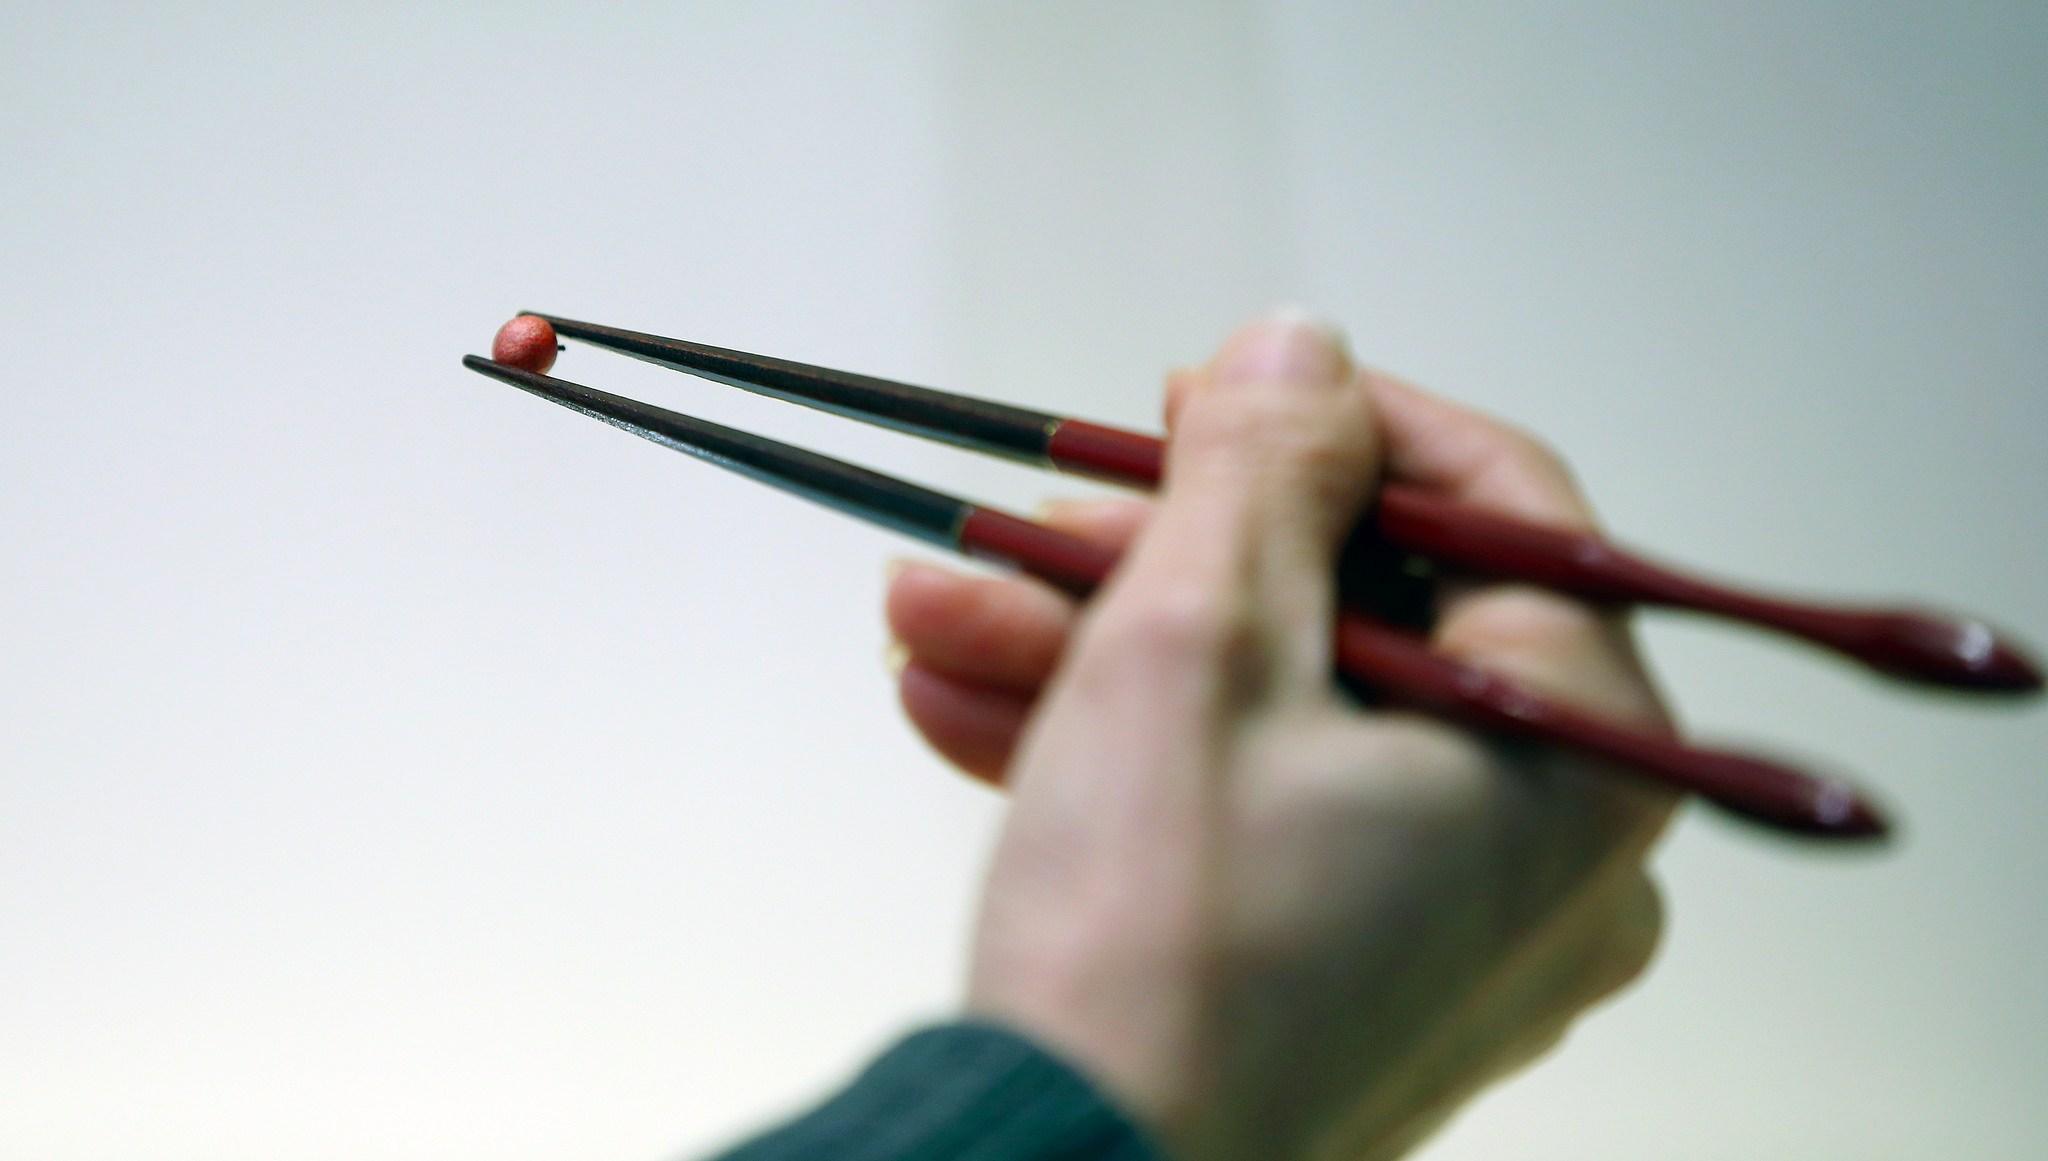 #4 韓國的筷子是扁的  1. 以前韓國人認為吃東西太方便的話人很容易隨便,筷子做的扁扁的拿東西不方便,就可以降低吃飯的速度,吃東西變慢,看起來比較有教養。  2. 另外一說是跟用餐習慣有關係,韓國是一個非常注重禮儀的國家,除了長輩要先動筷之外,也不能比長輩吃的還要快,因為這樣有種「我吃飽了我在等你吃完」的感覺,對長輩來說是非常不禮貌的行為,但也不代表吃飽還要假裝一直吃,而是不能把筷子放在